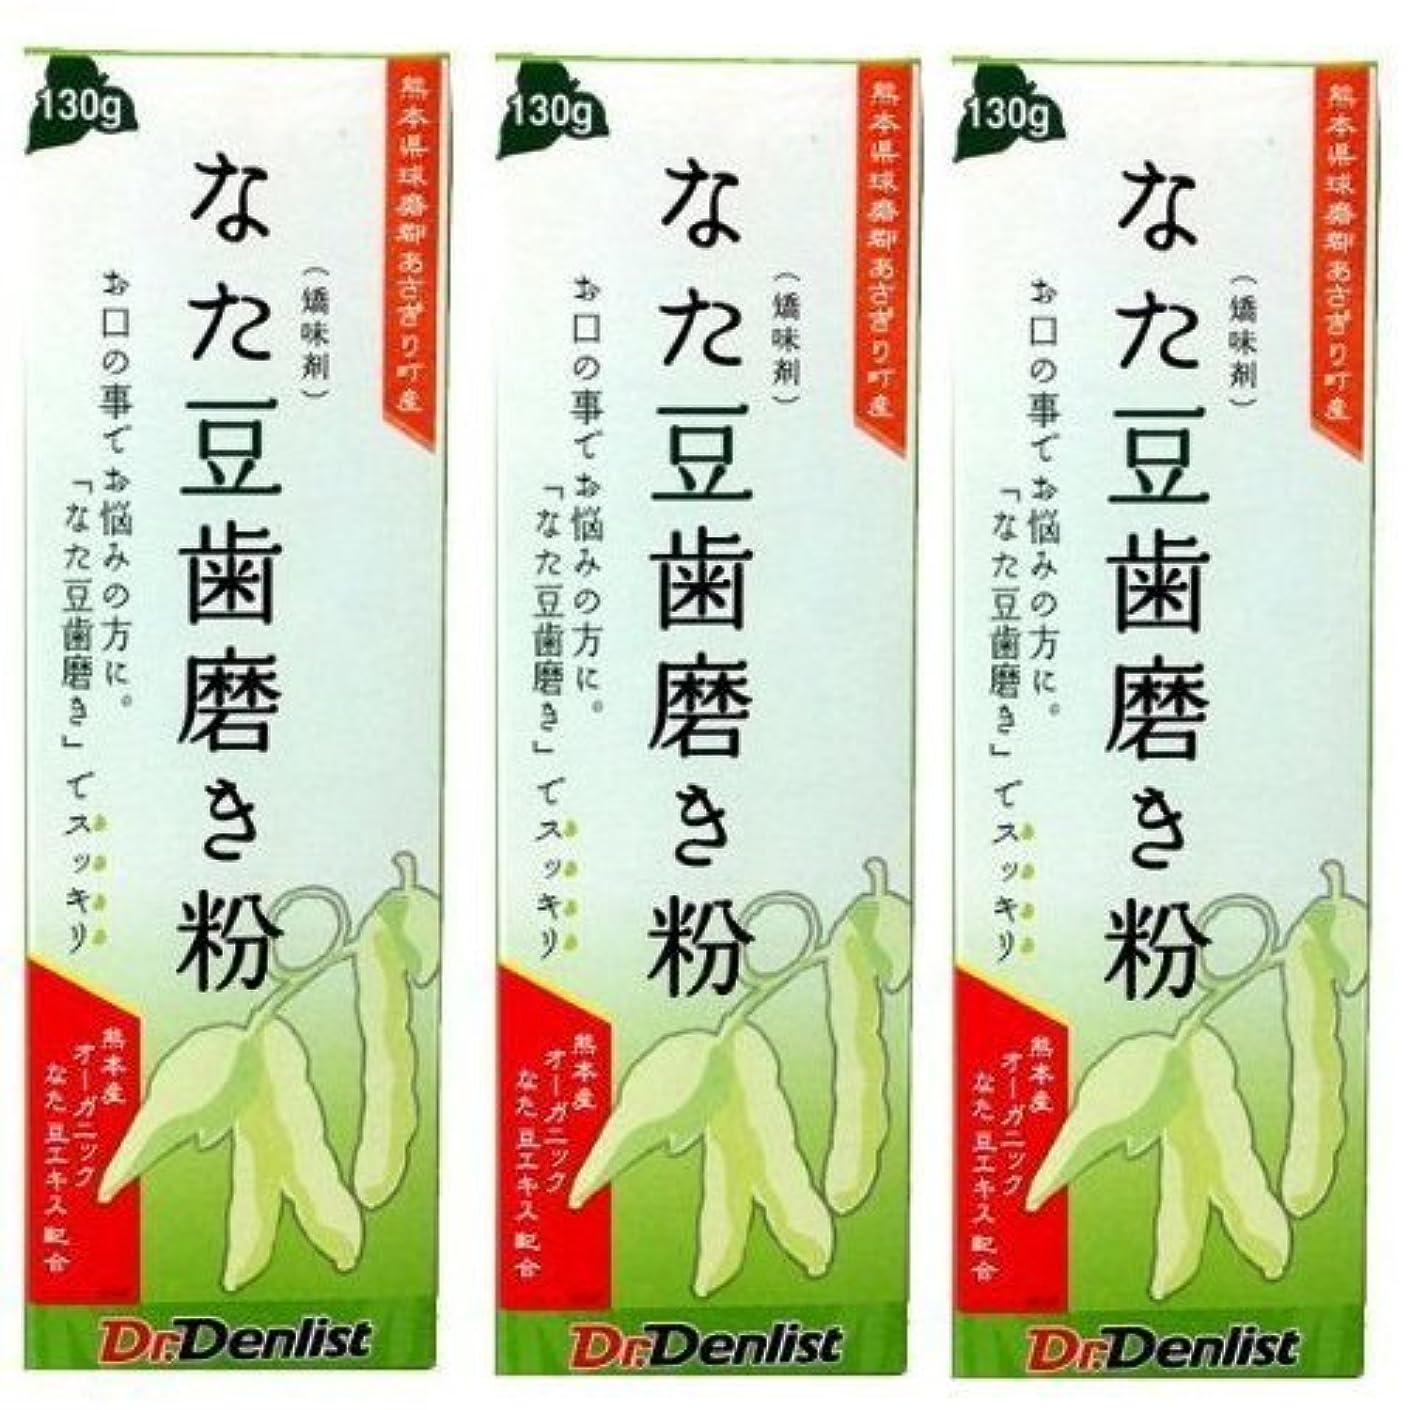 感染する承認するラジウムなた豆歯磨き粉 国産 130g ?3本セット?熊本県球磨郡あさぎり町産